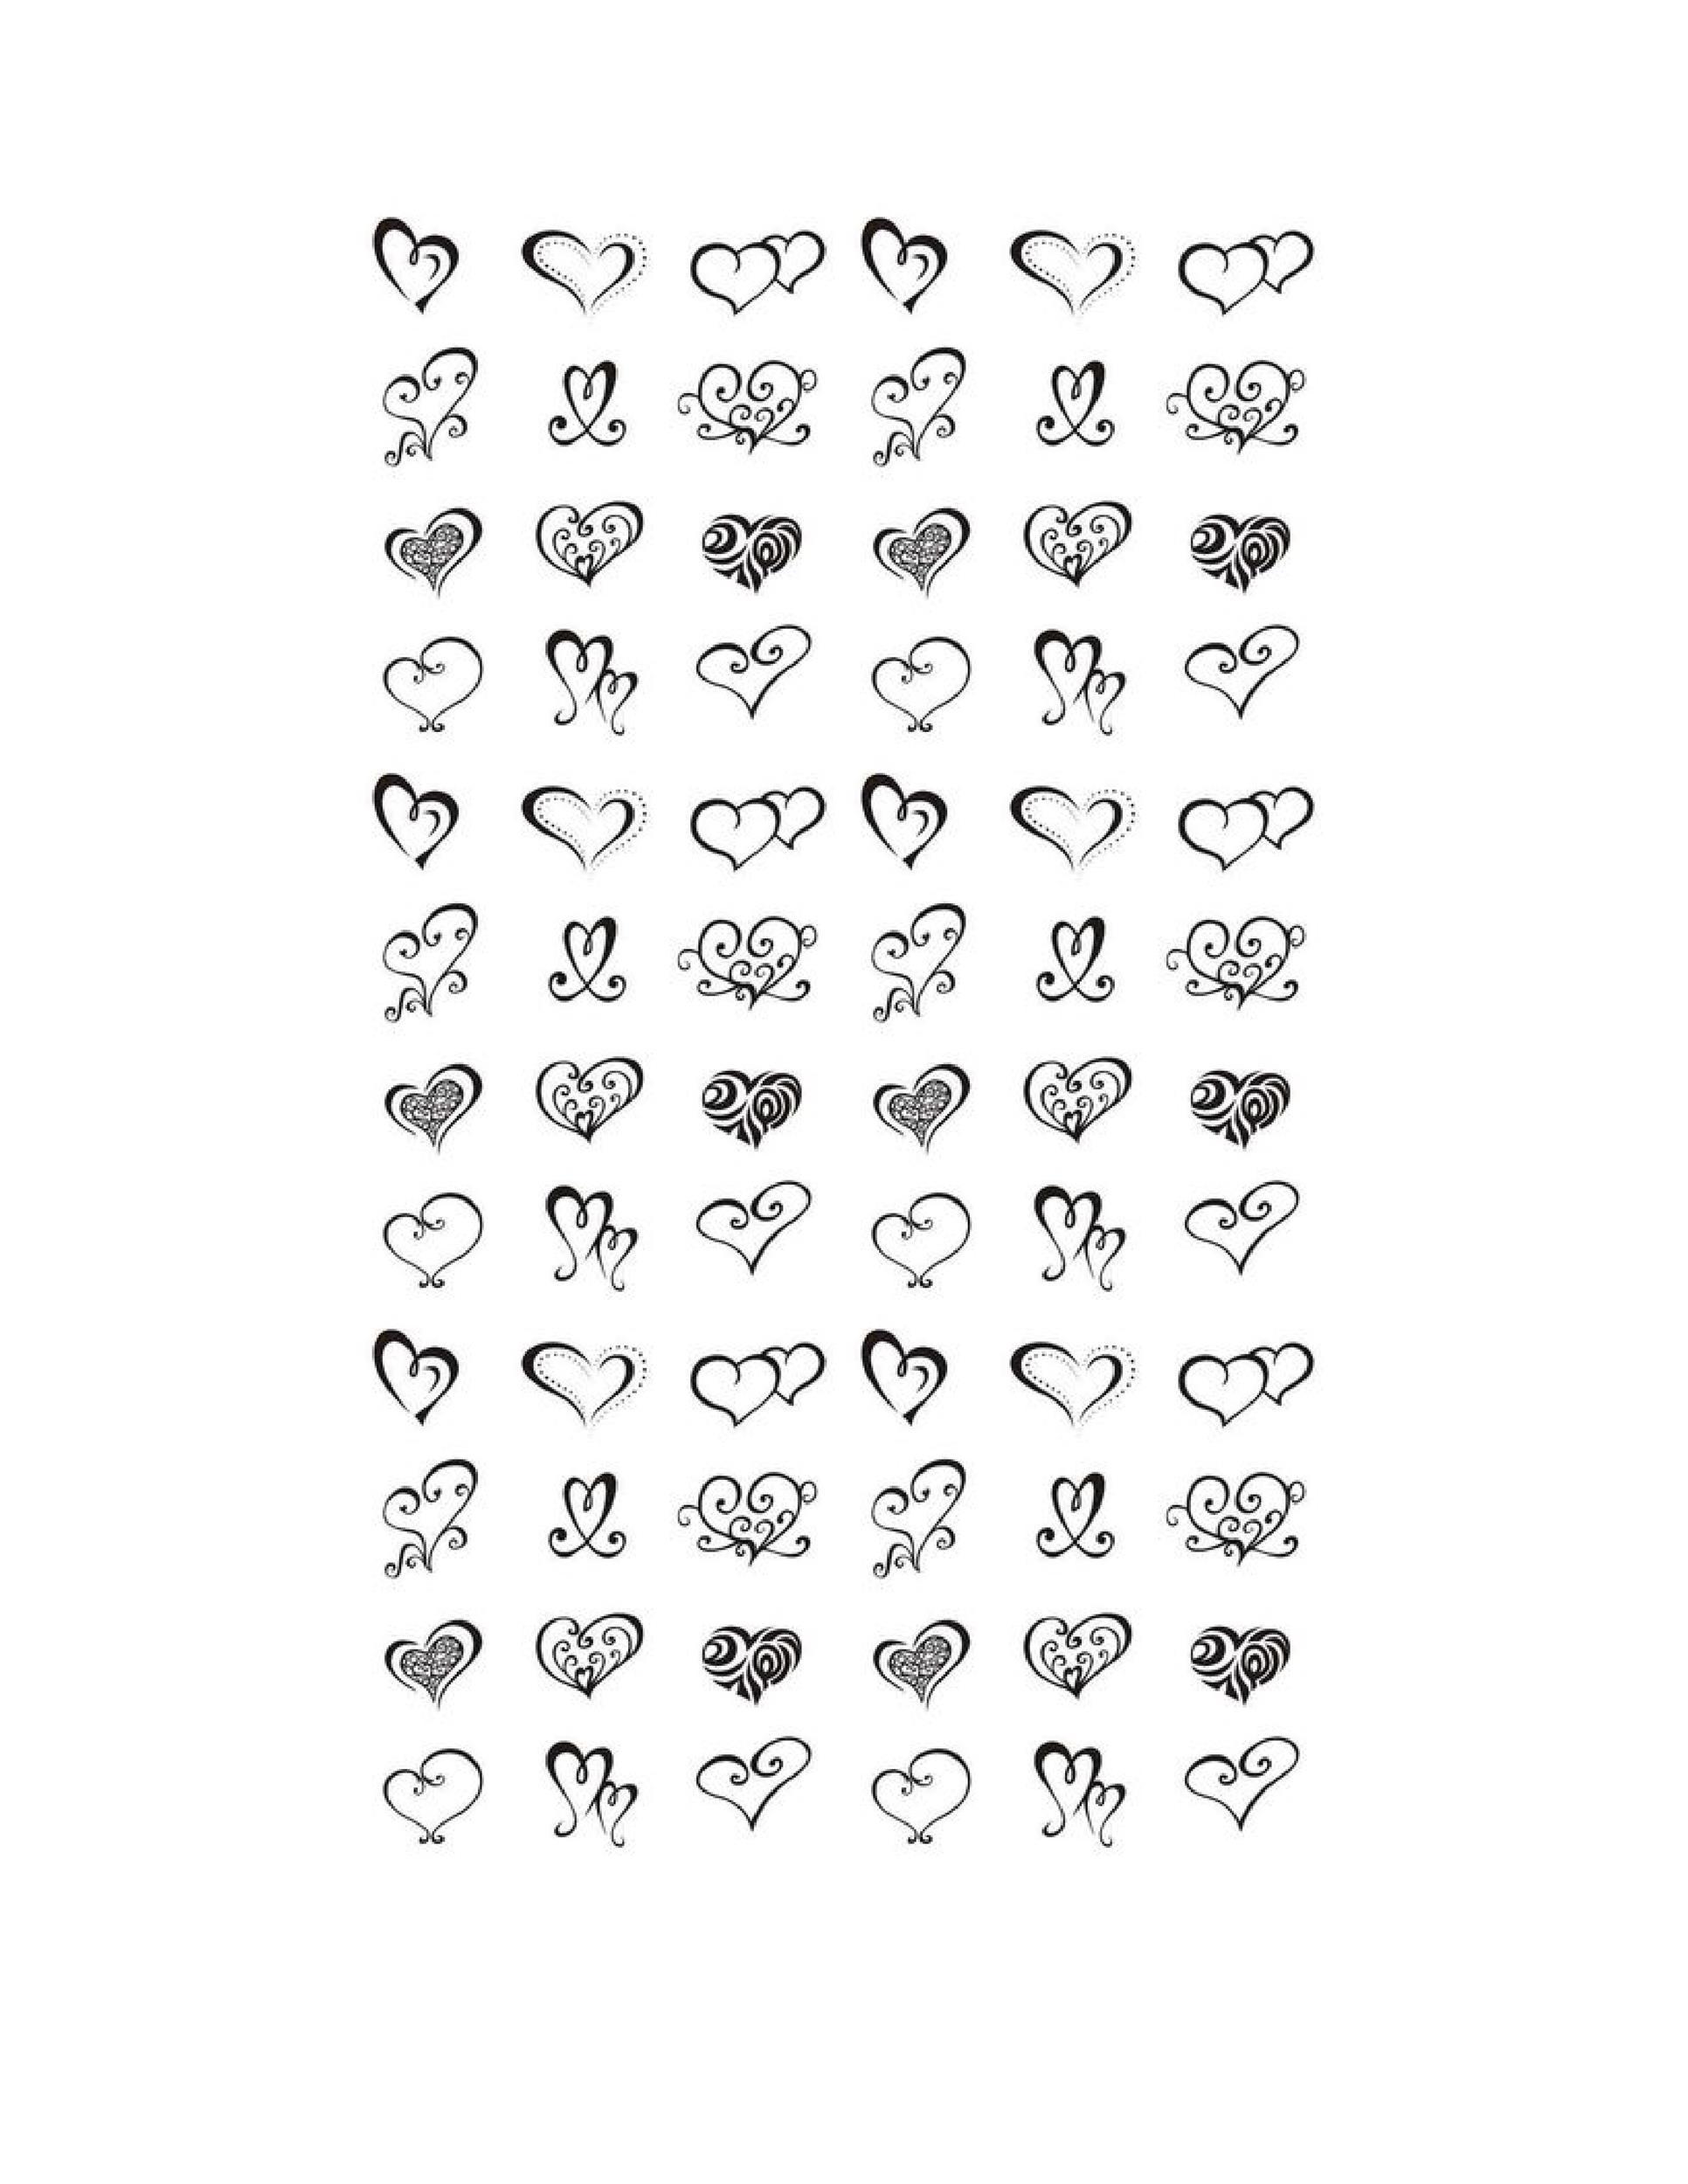 Free Heart Shape Template 21